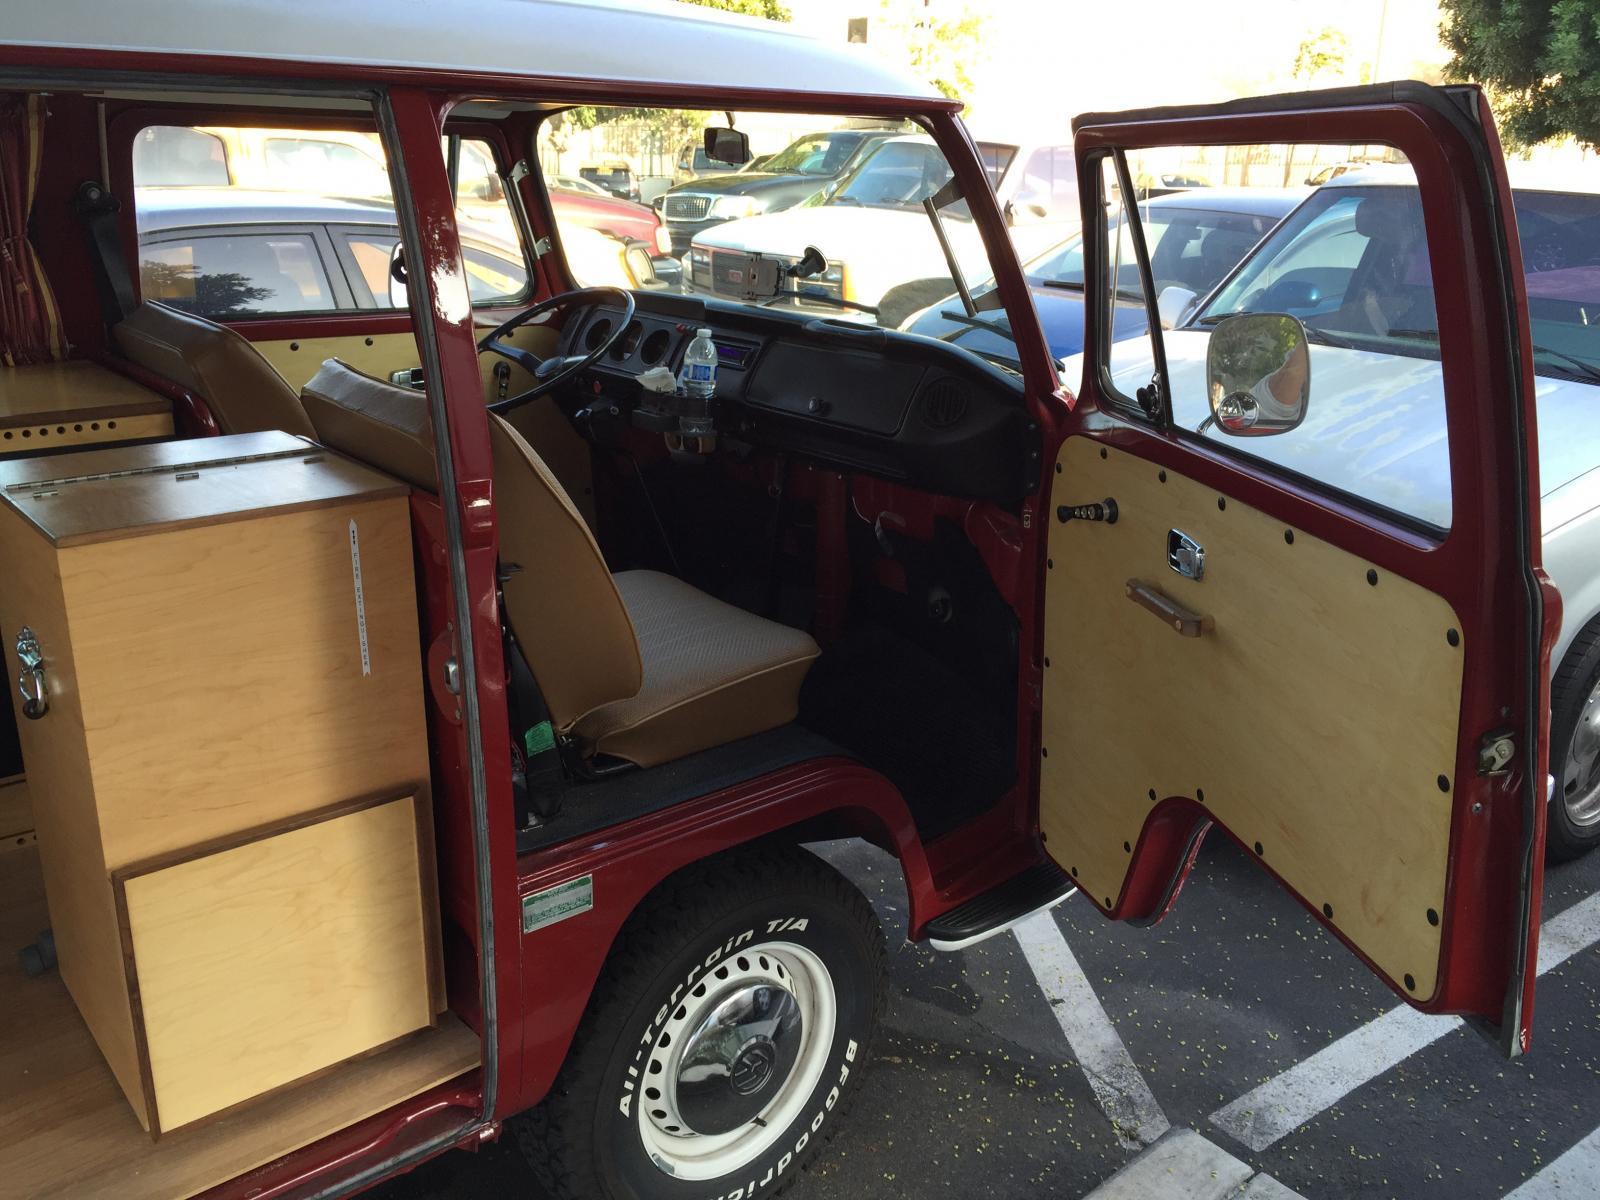 1968 Dash for camper